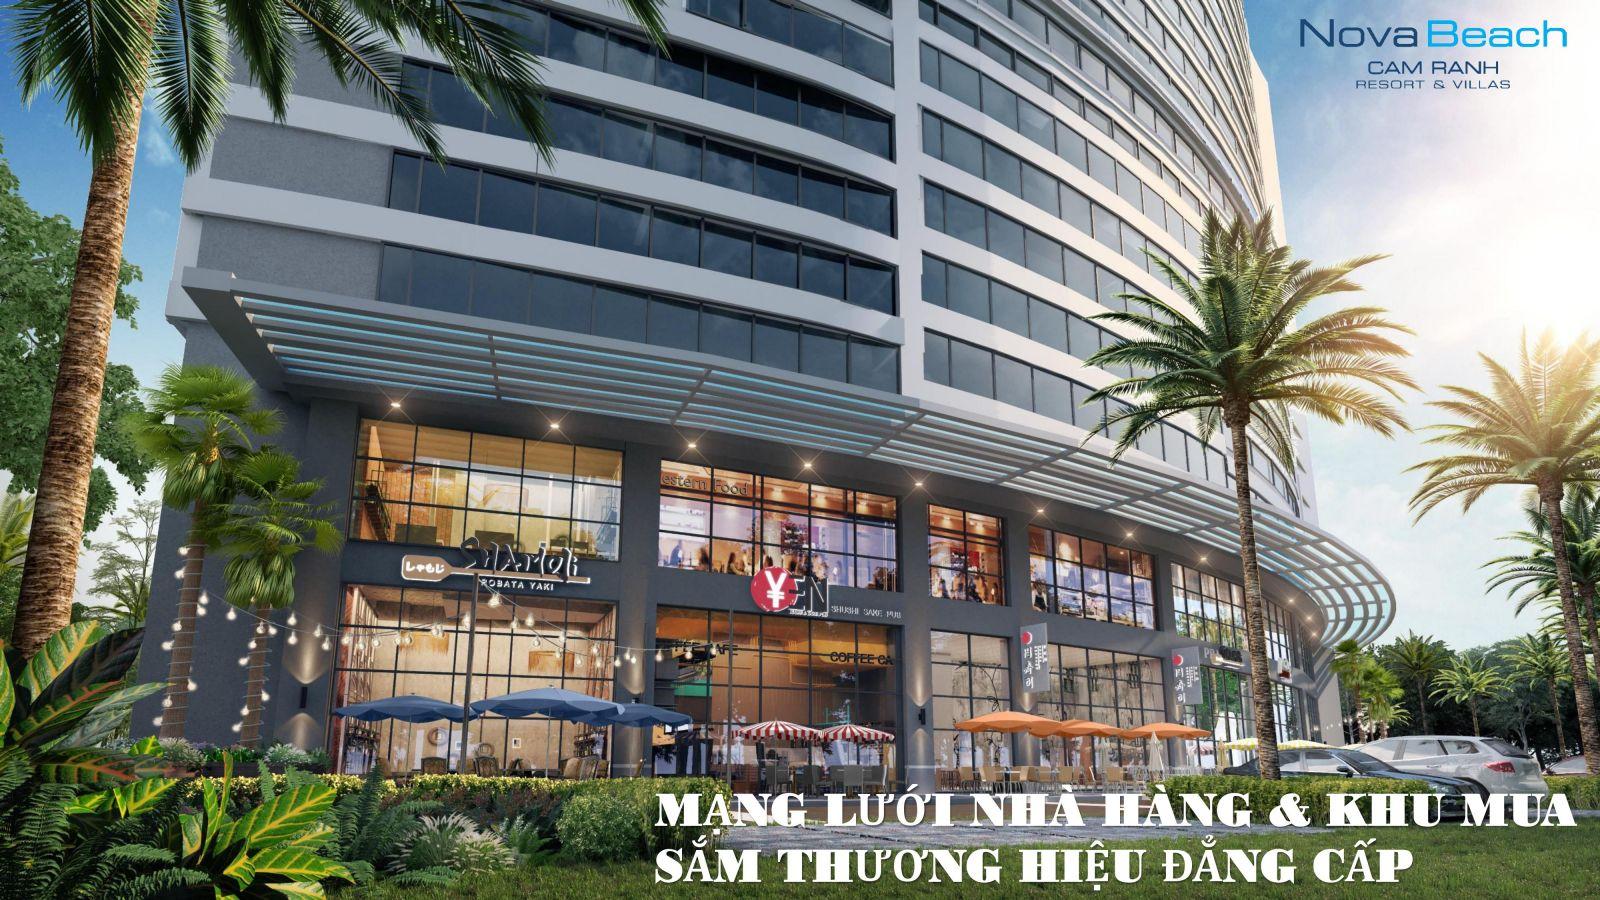 trung tâm thương mại novabeach cam ranh resort villas